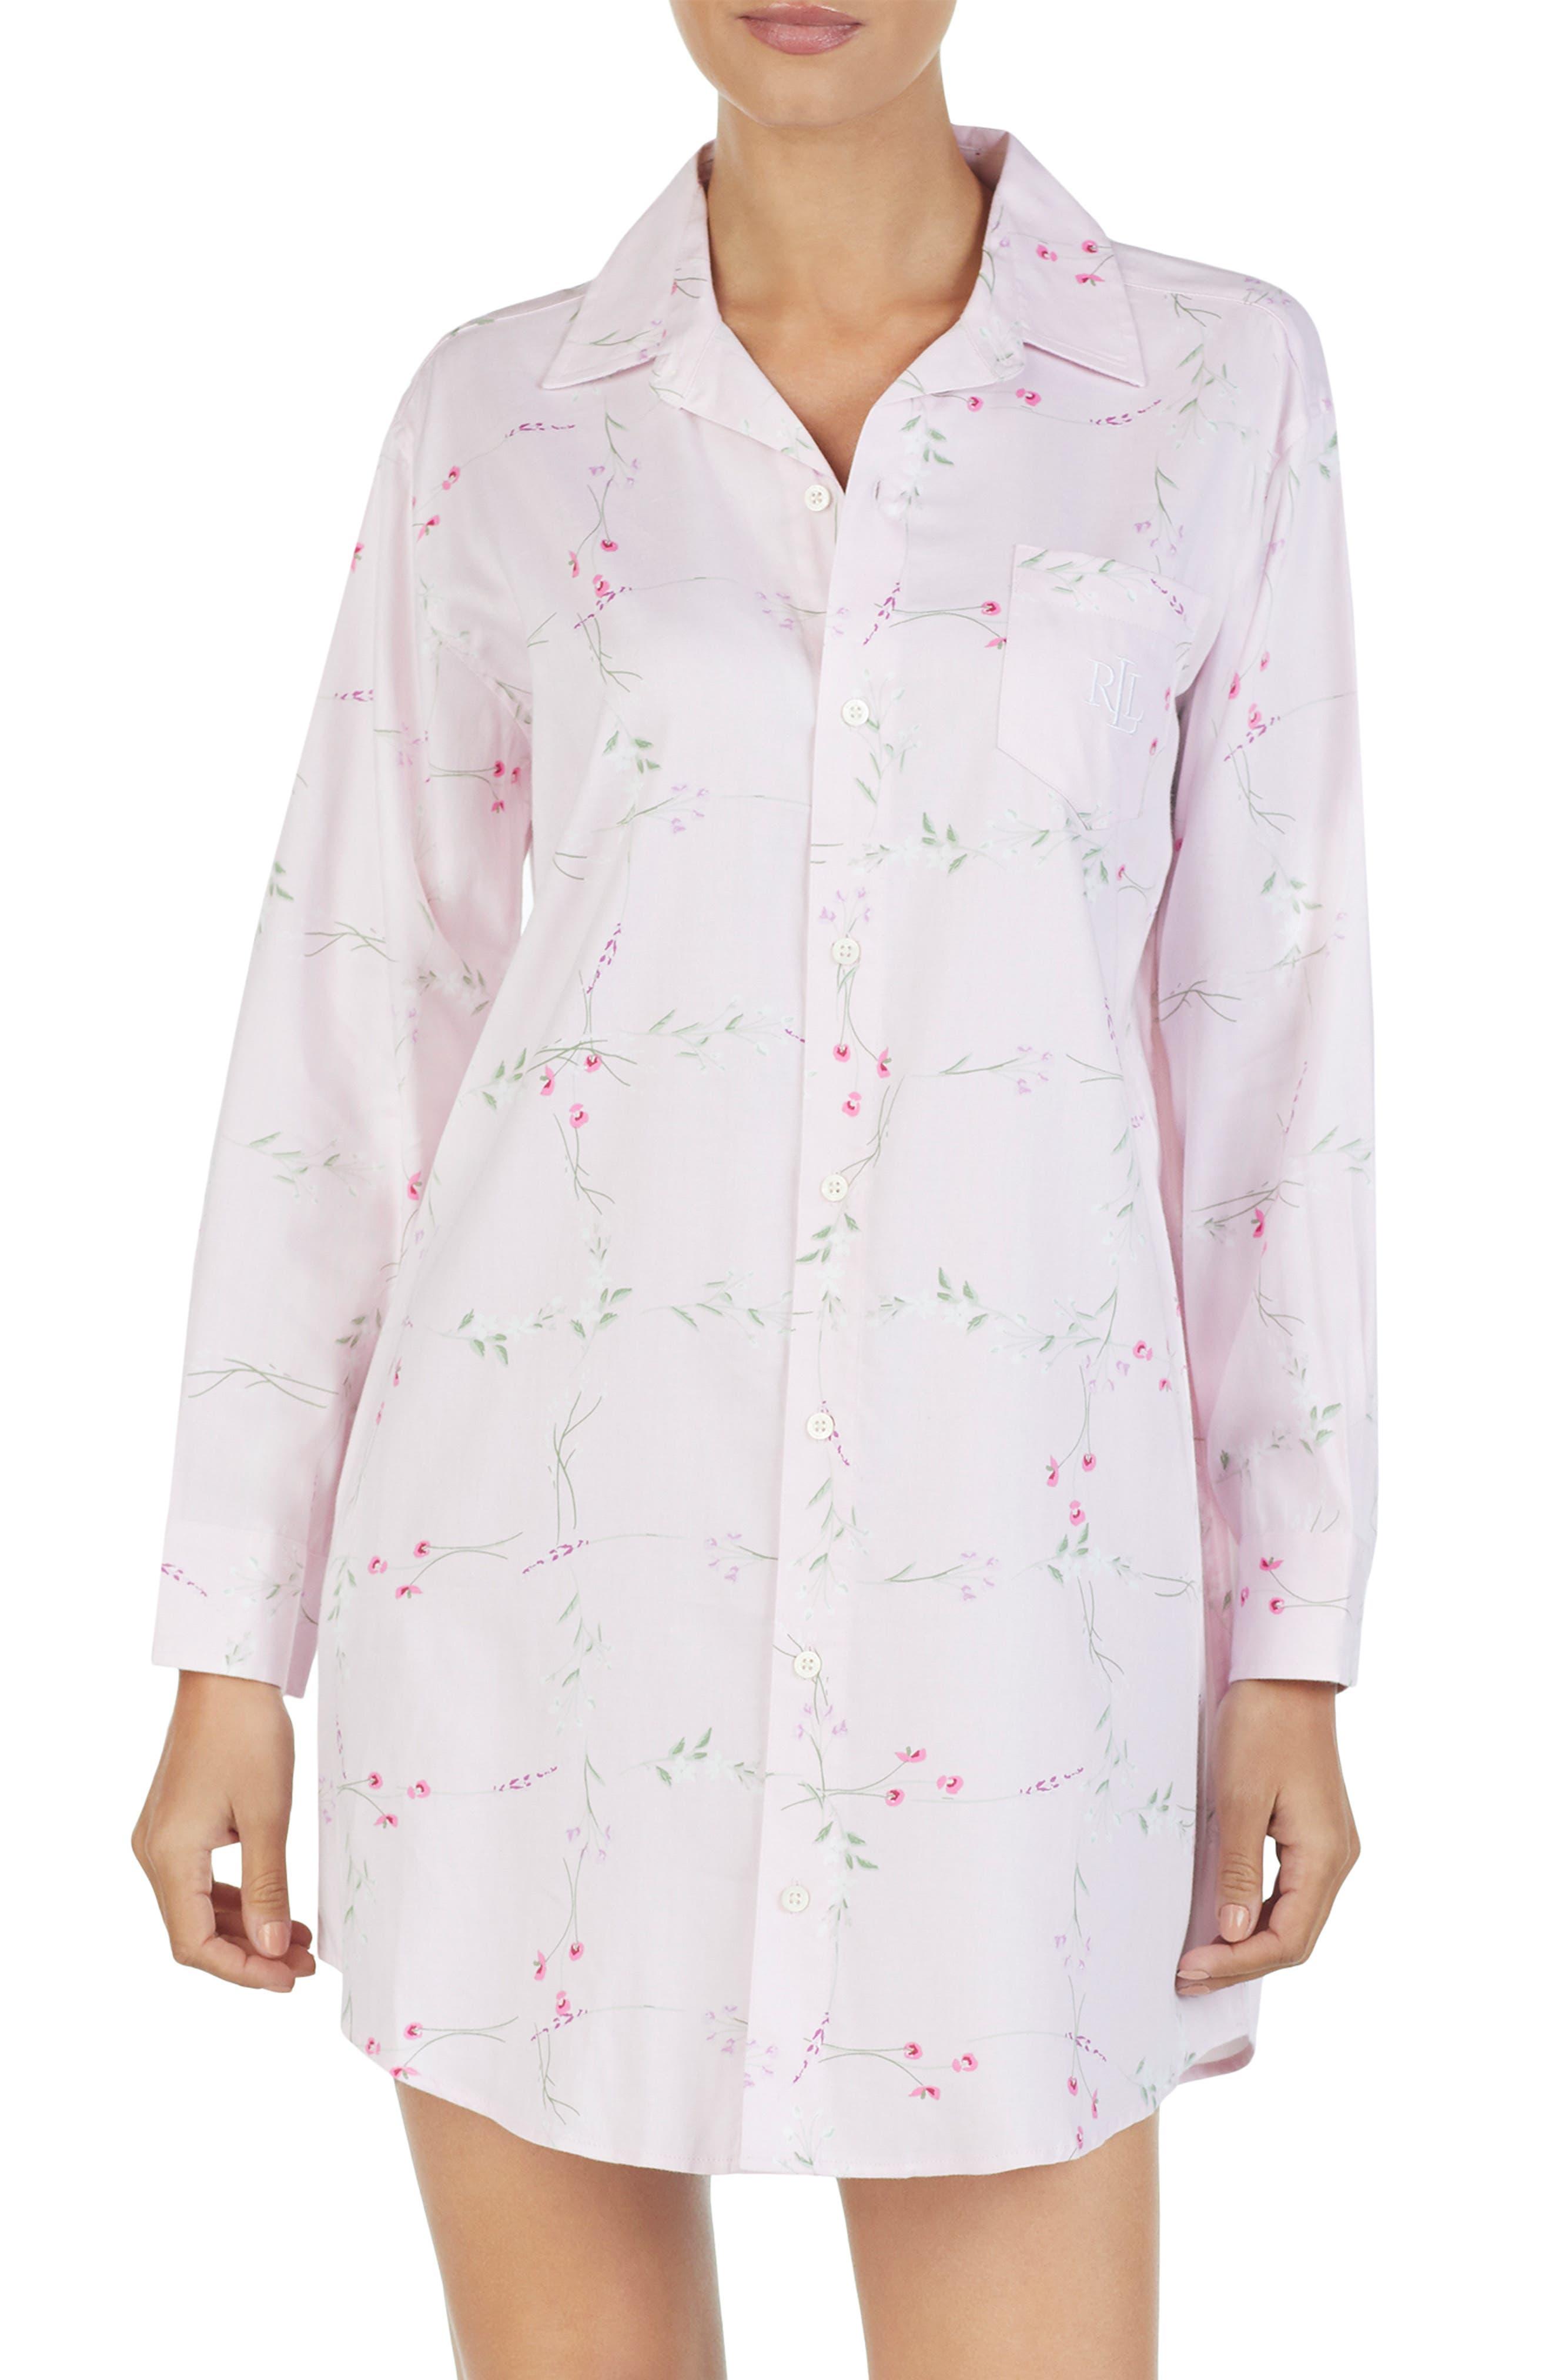 Lauren Ralph Lauren His Floral Print Sleep Shirt, Pink